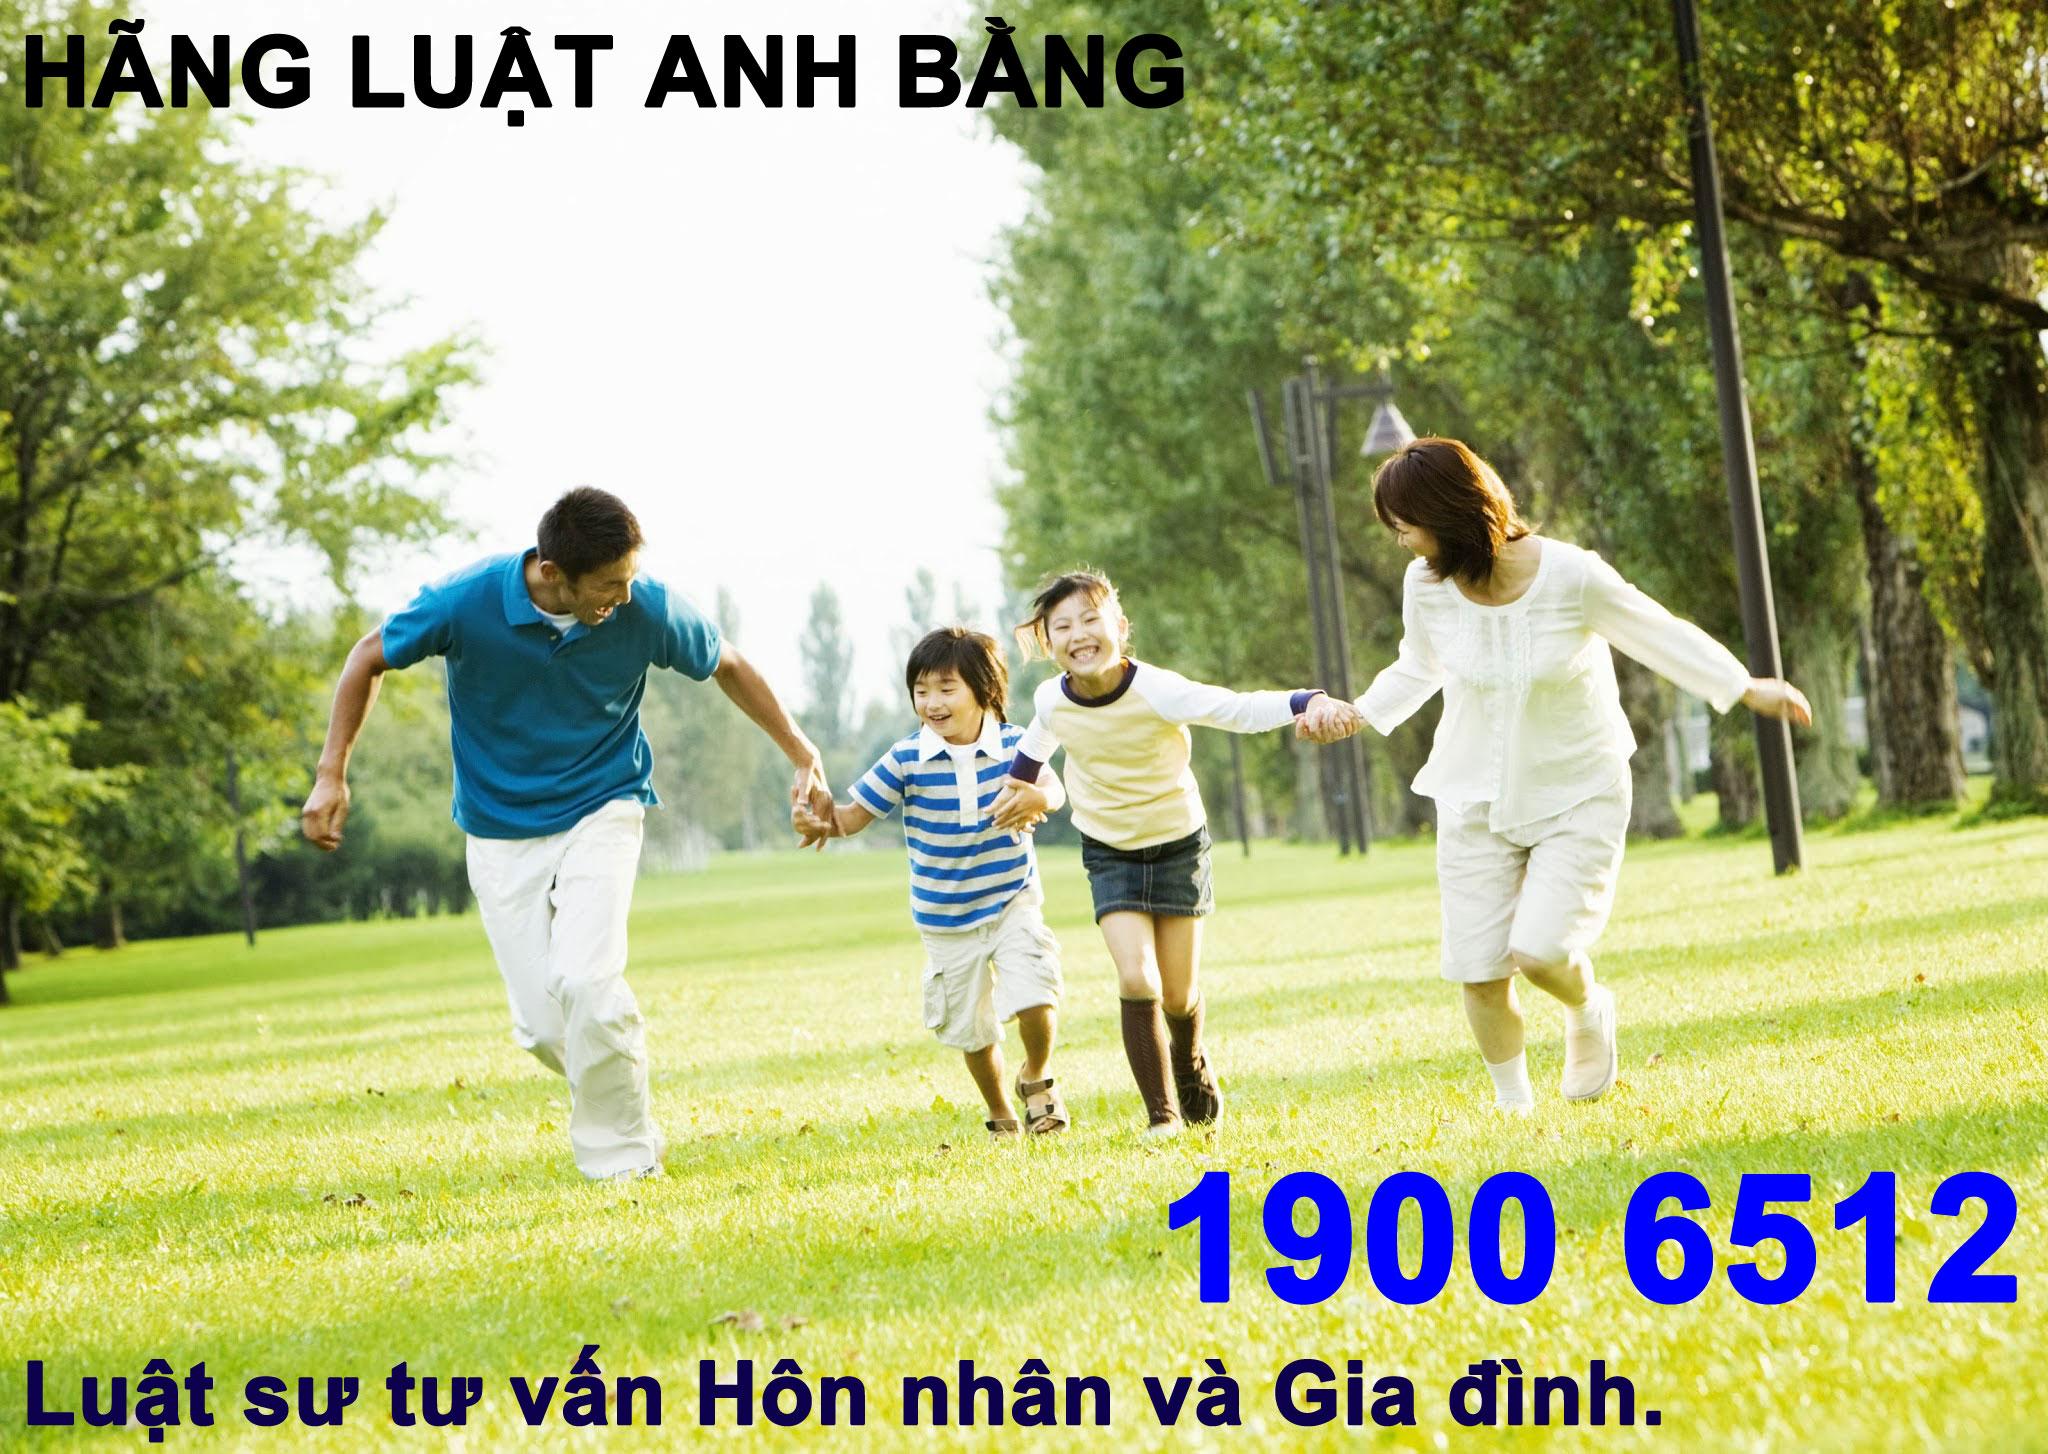 hang-luat-anh-bang-hngd-13